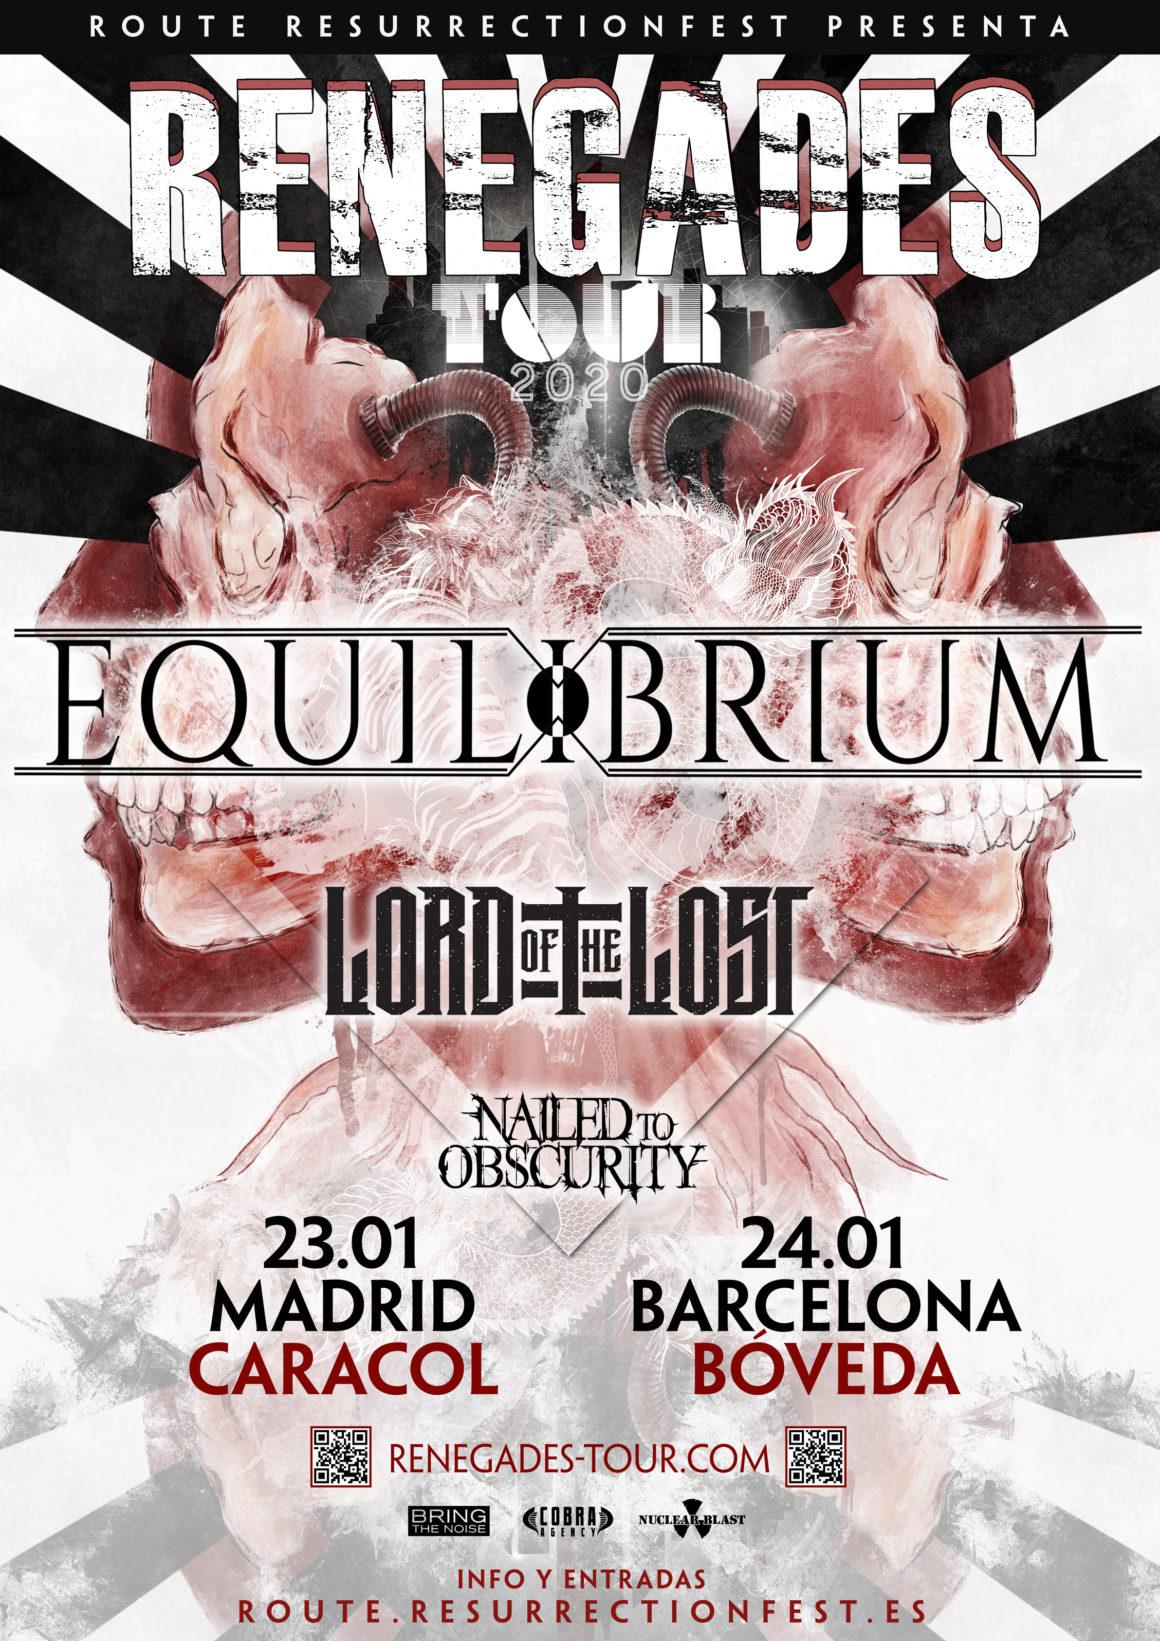 Nueva gira Route Resurrection: Equilibrium